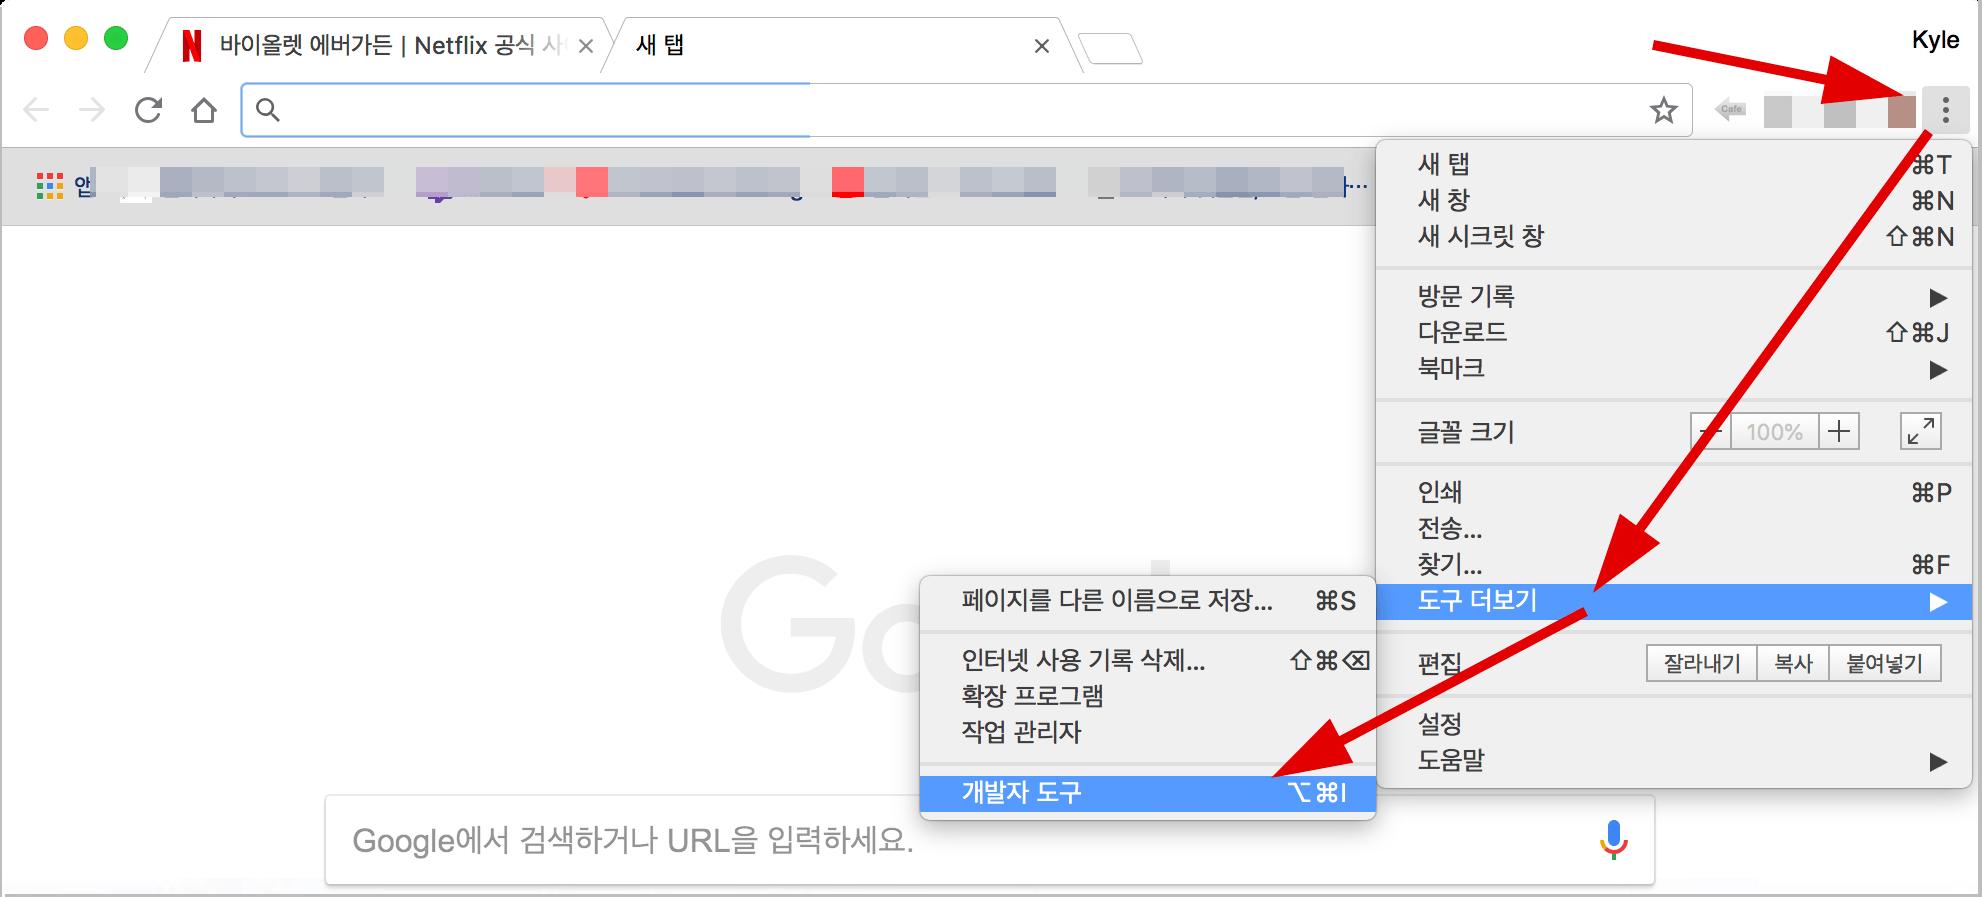 크롬웹브라우저의 개발자 메뉴